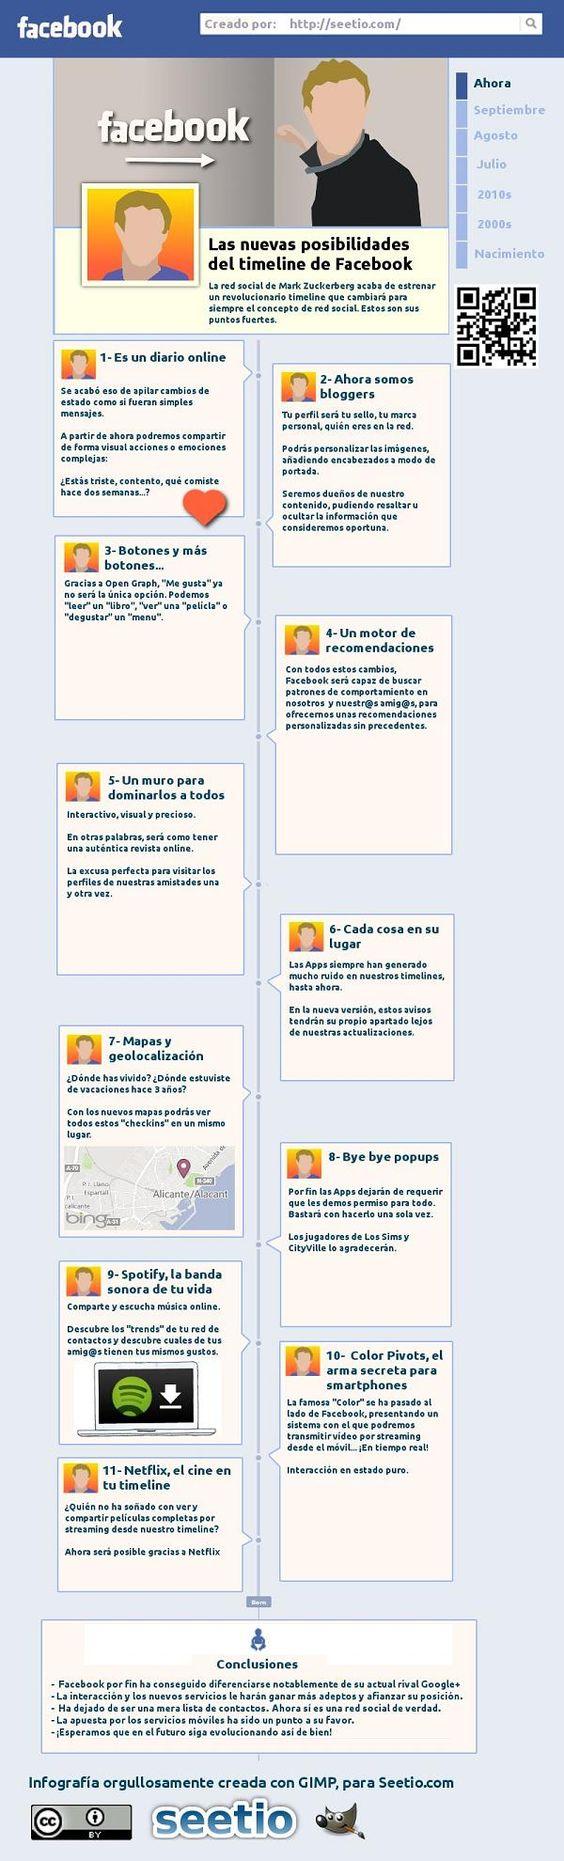 Que si está bien, que si está mal... pero, ¿qué podemos hacer -y qué no- con el nuevo Timeline de Facebook? (en español!)